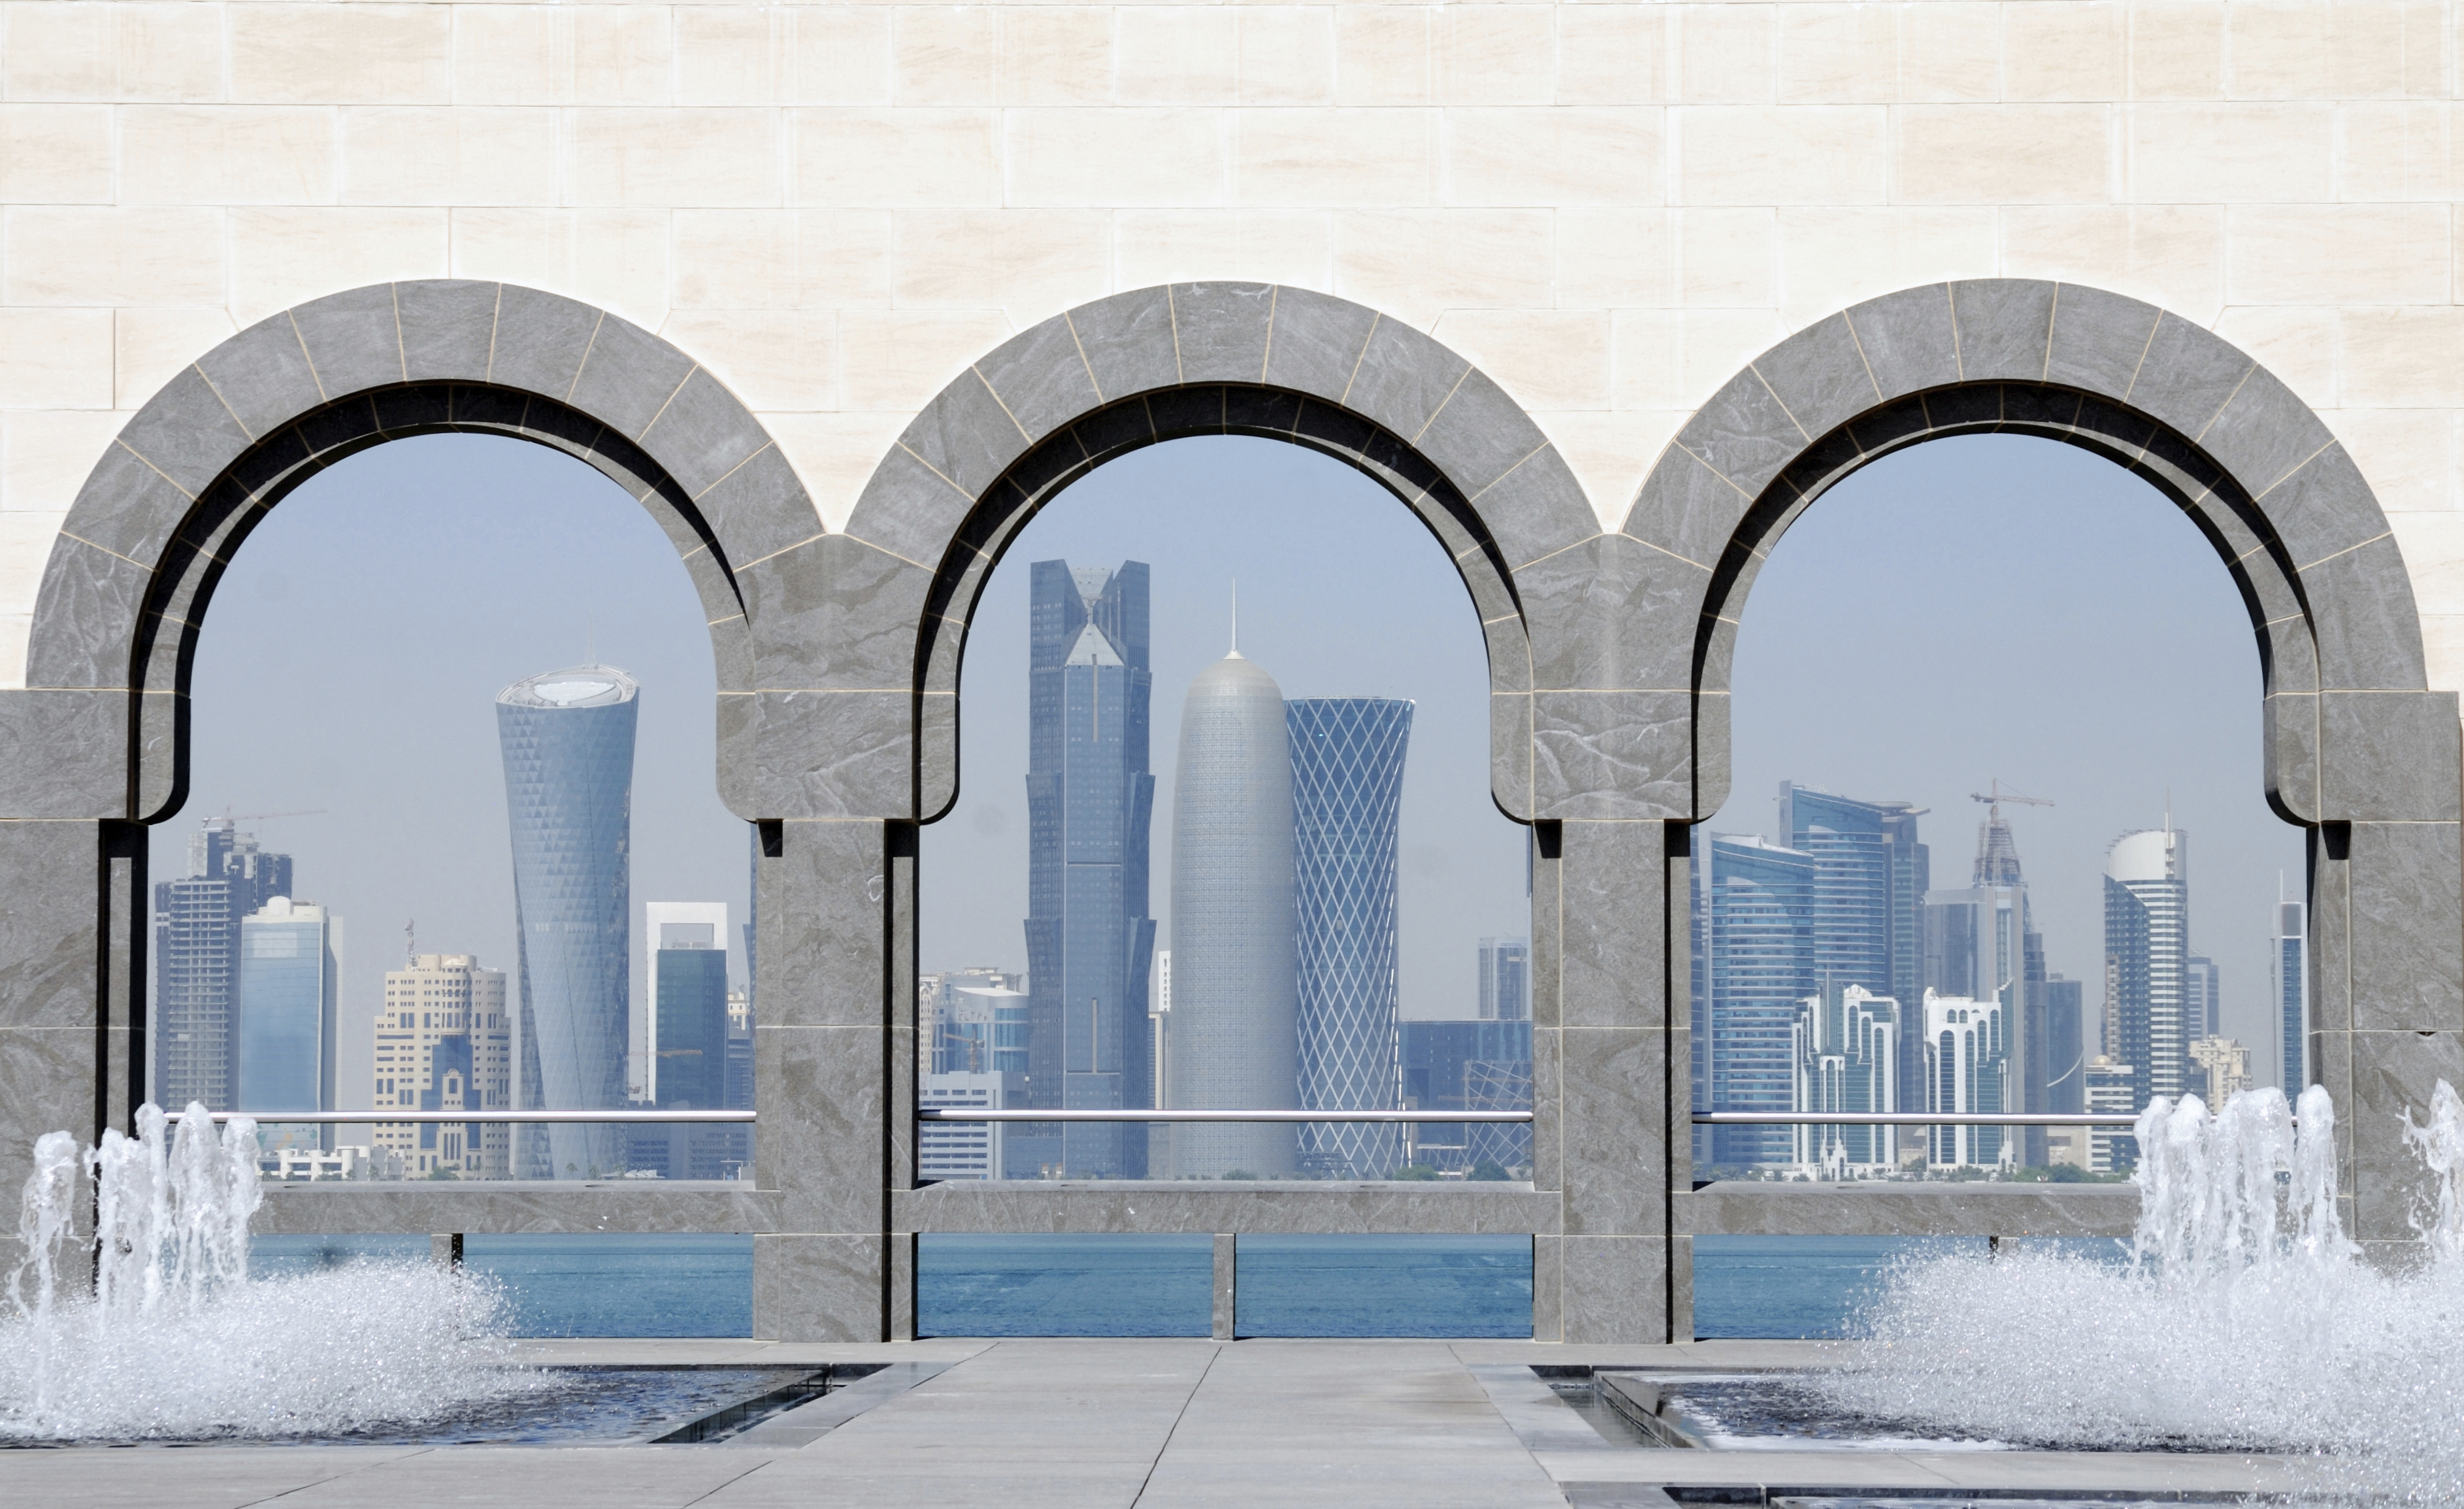 Lavorare In Qatar Architetto quell'oasi dell'arte nel deserto del qatar - dove viaggi